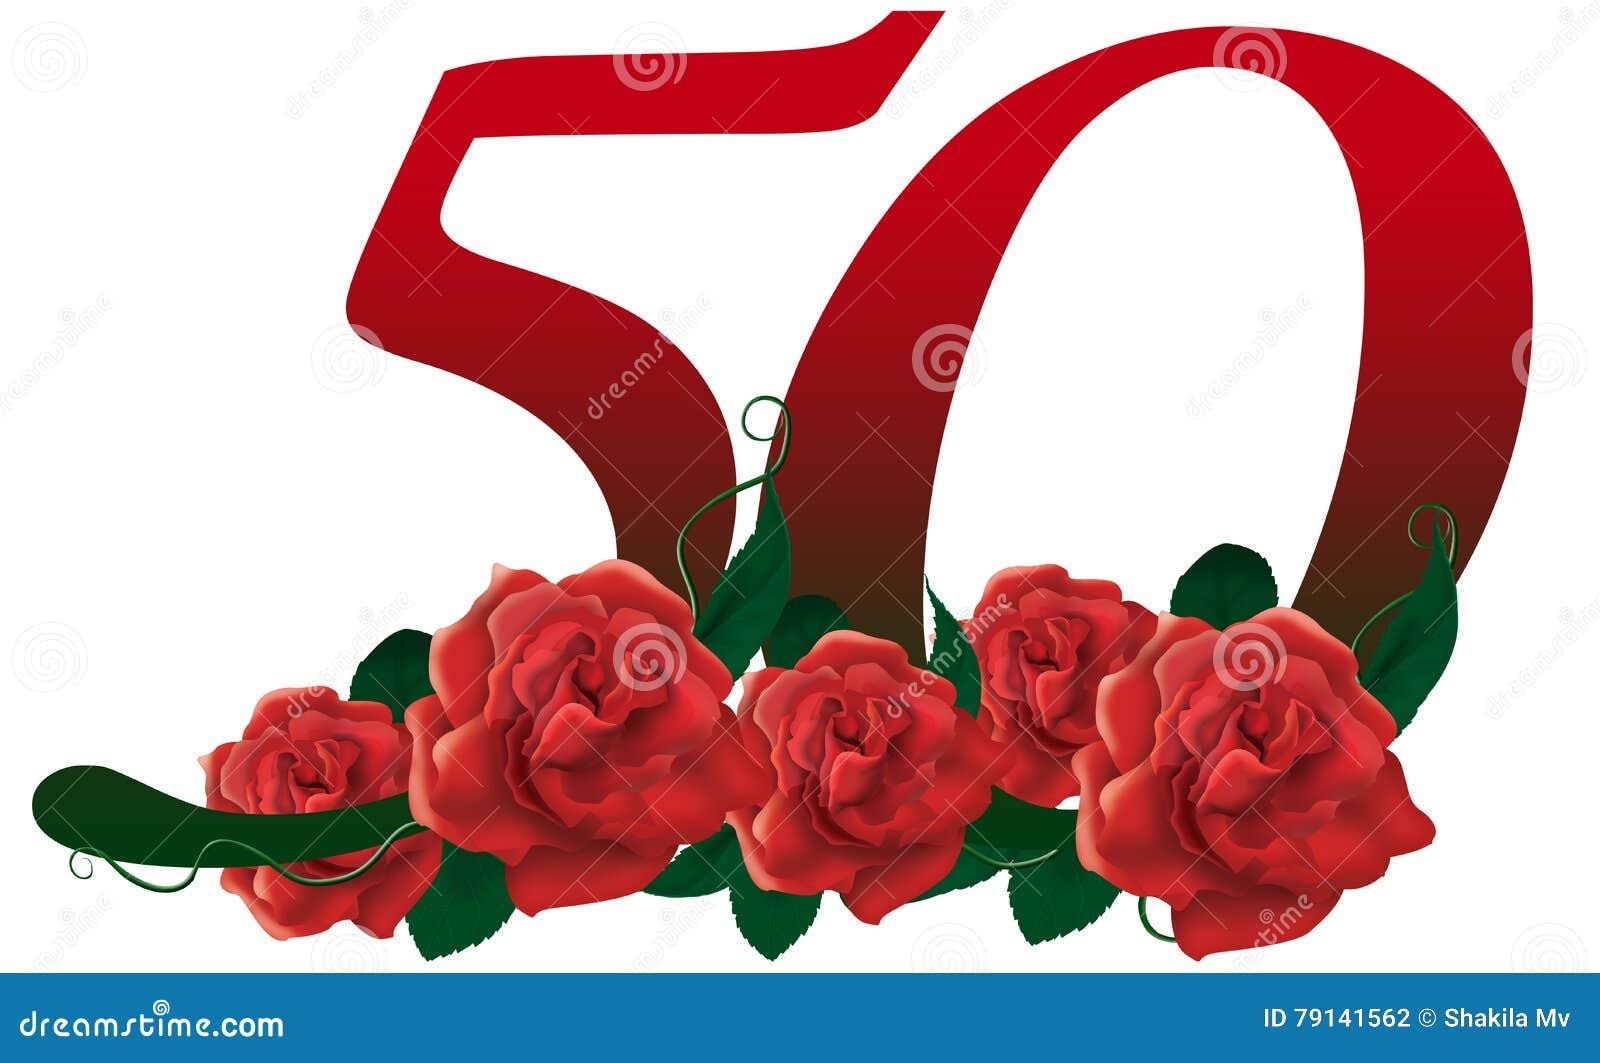 Fiori 50 Anniversario.Number 50 Flower Stock Illustration Illustration Of Clip 79141562